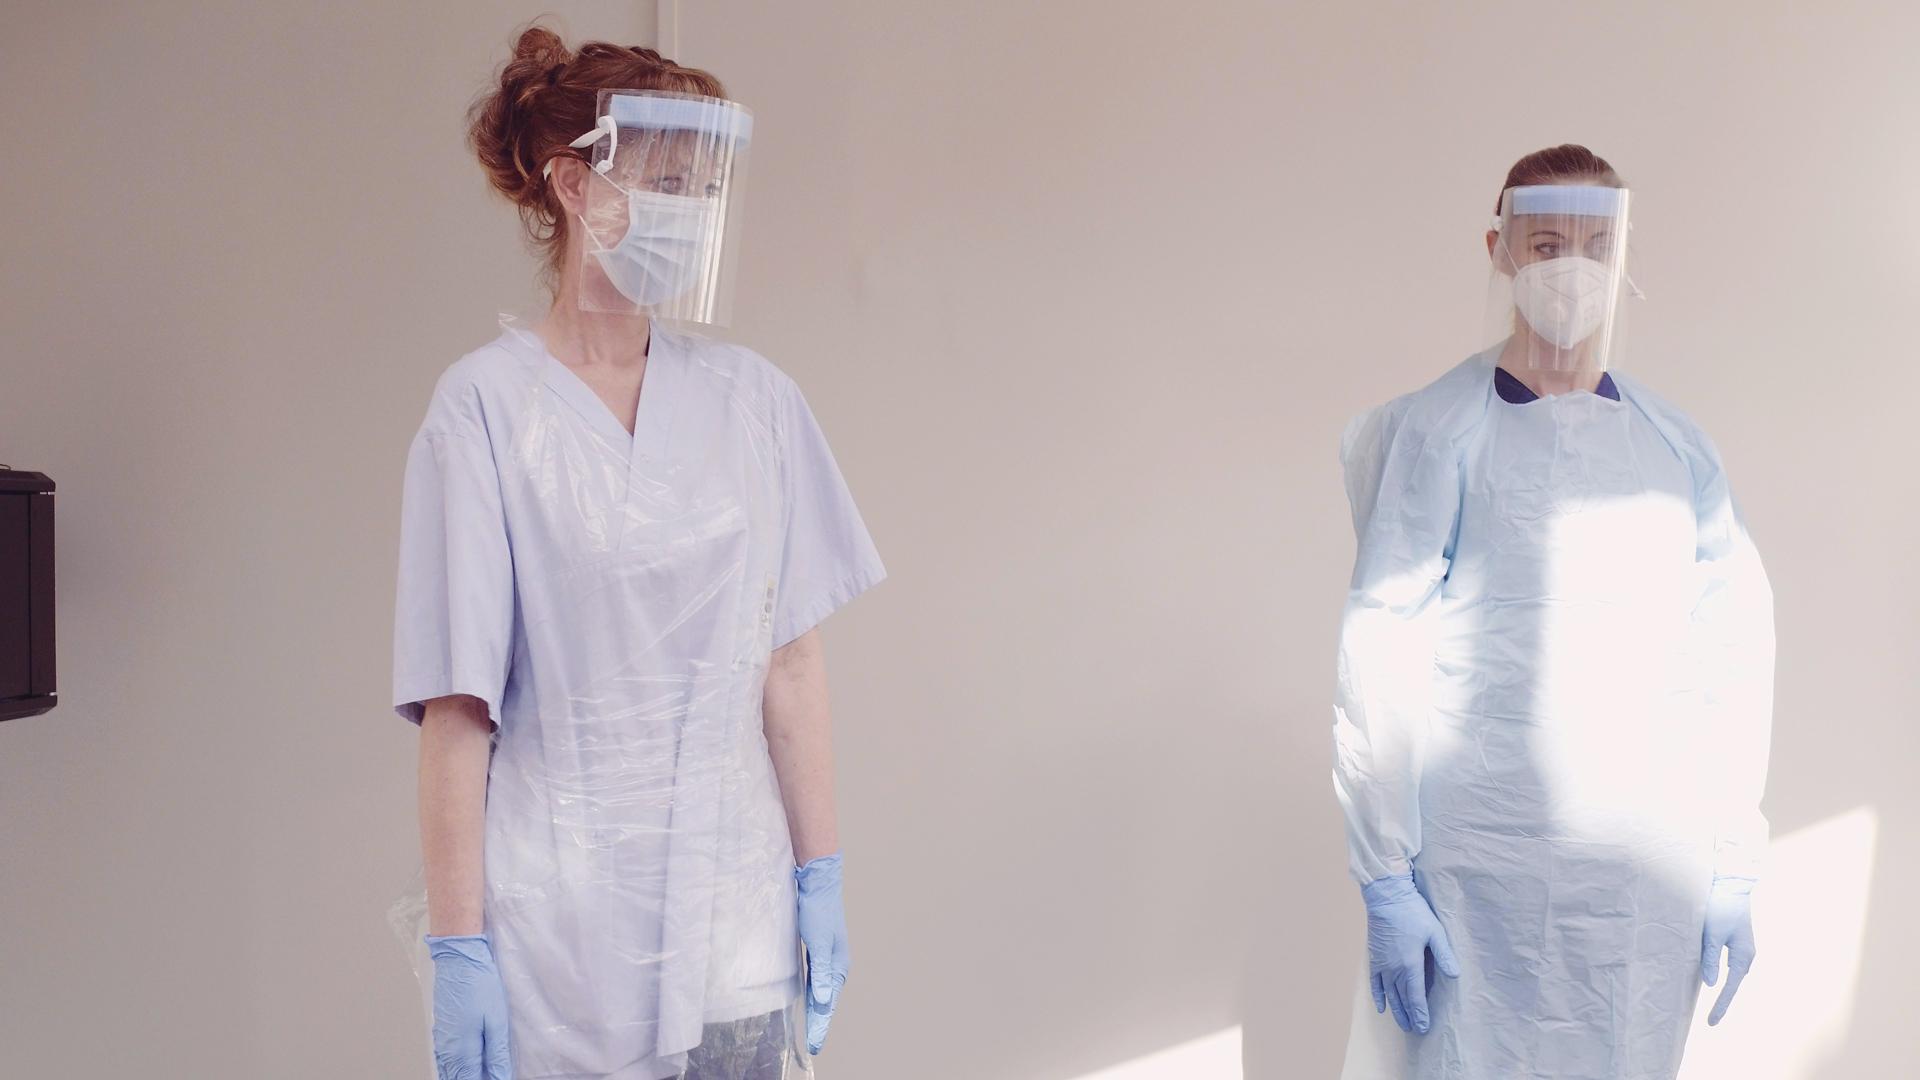 Två vårdpersonal står med skyddsvisir, munskydd och handskar.